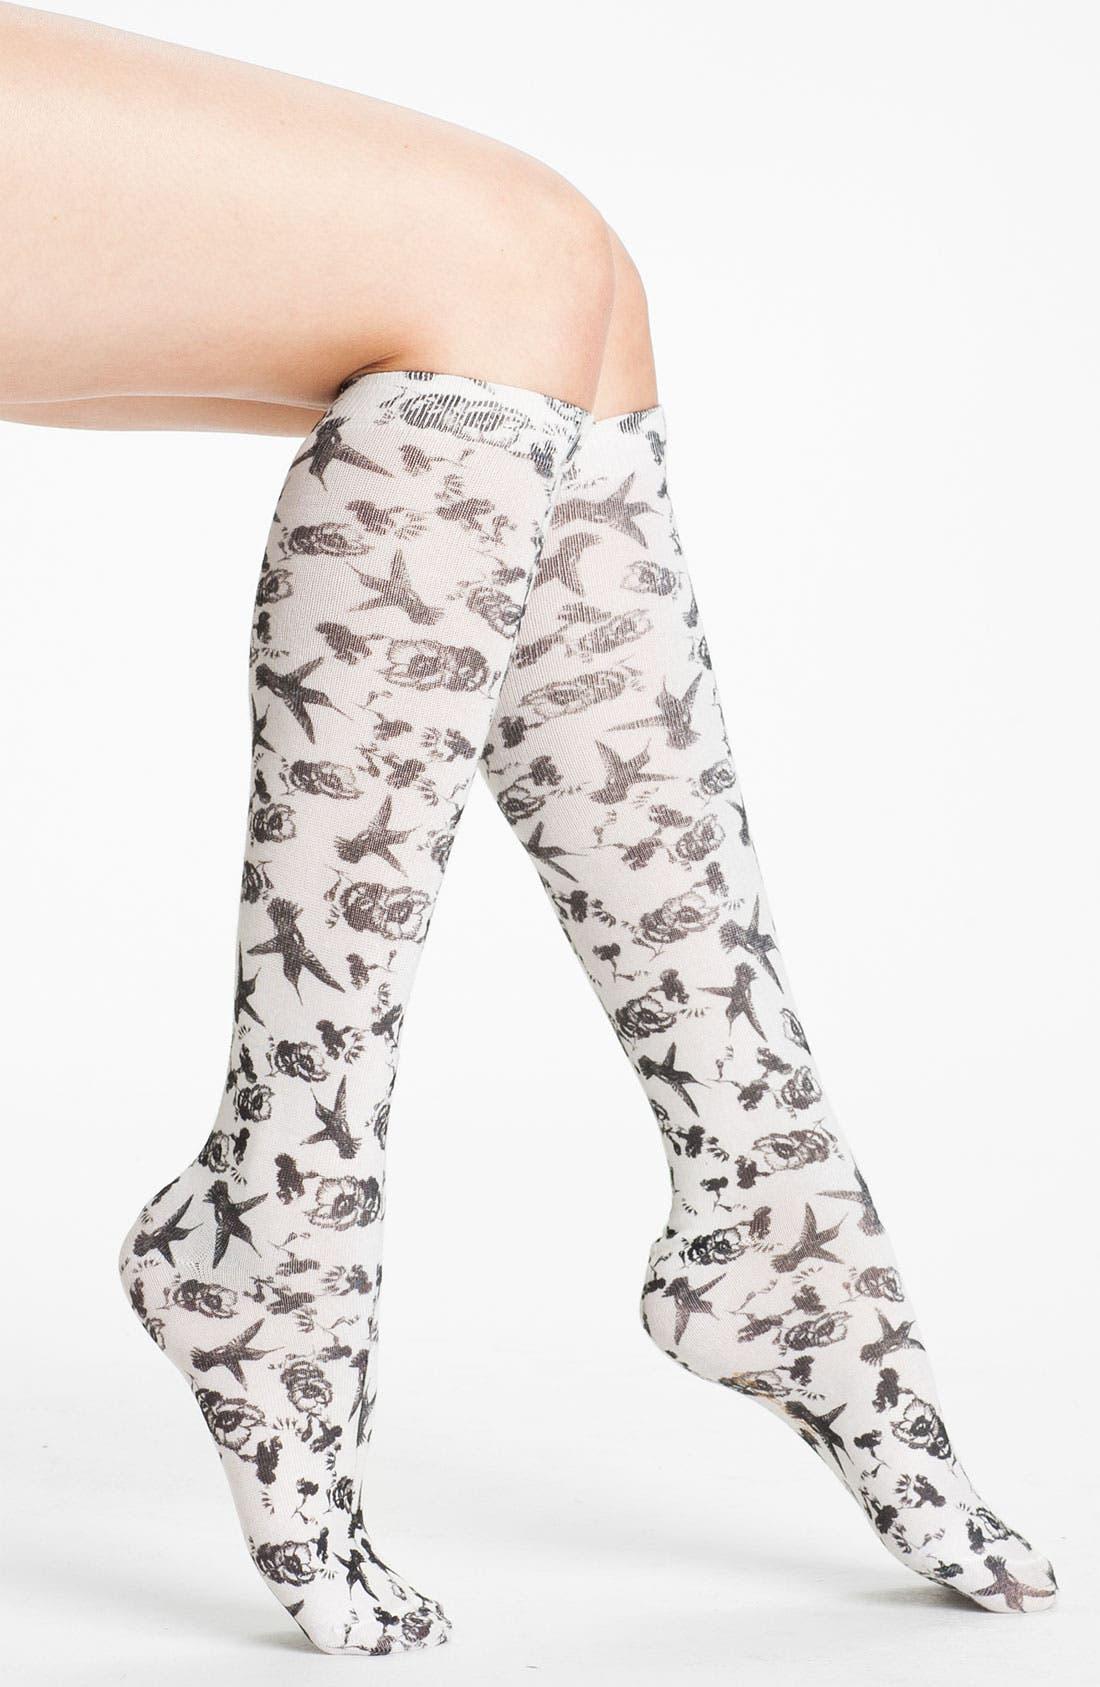 Alternate Image 1 Selected - Kensie 'Hummingbird' Knee High Socks